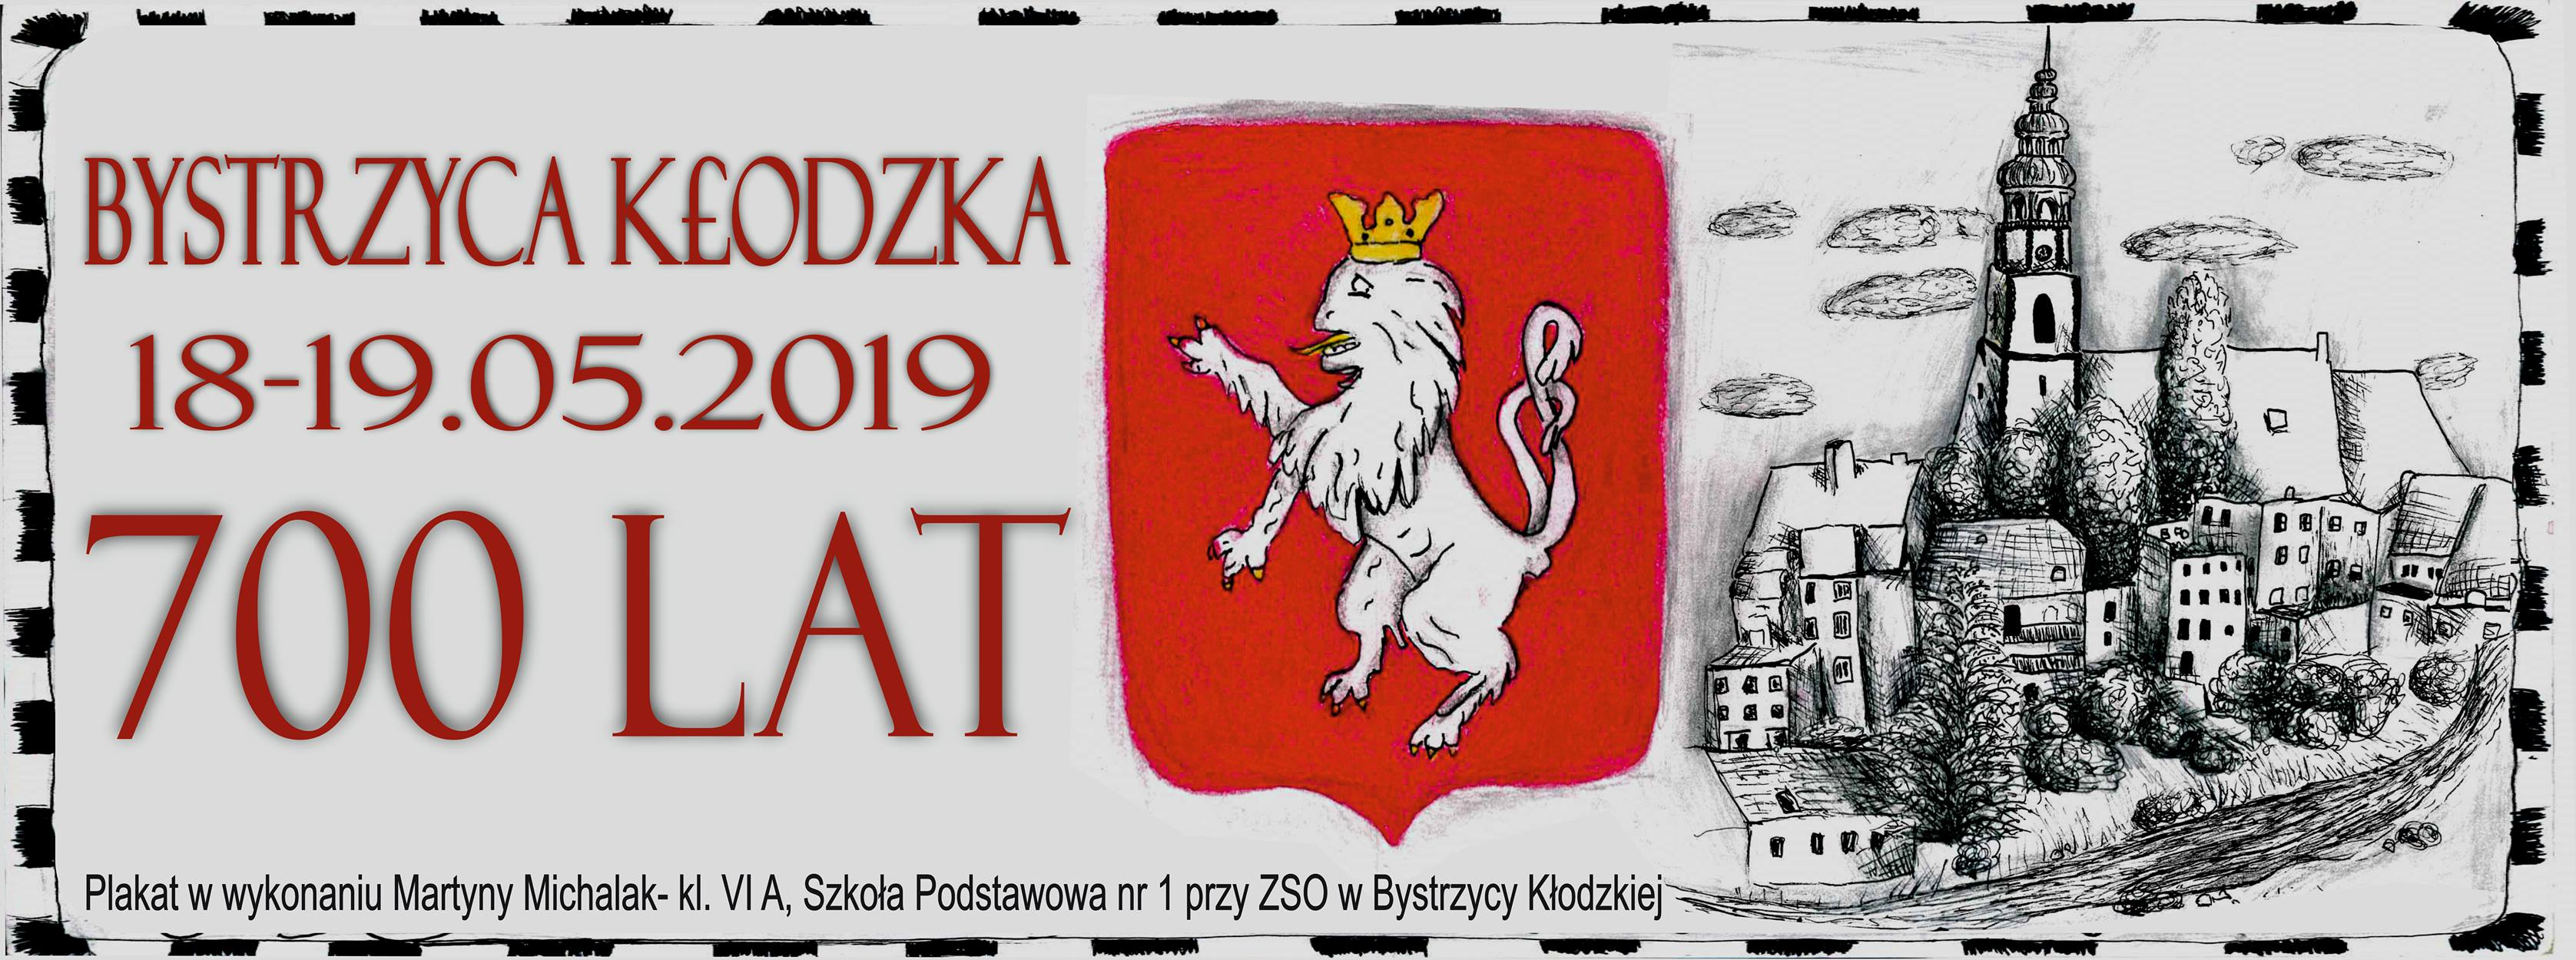 Dni Bystrzycy Kłodzkiej / 700-lecia Nadania Praw Miejskich